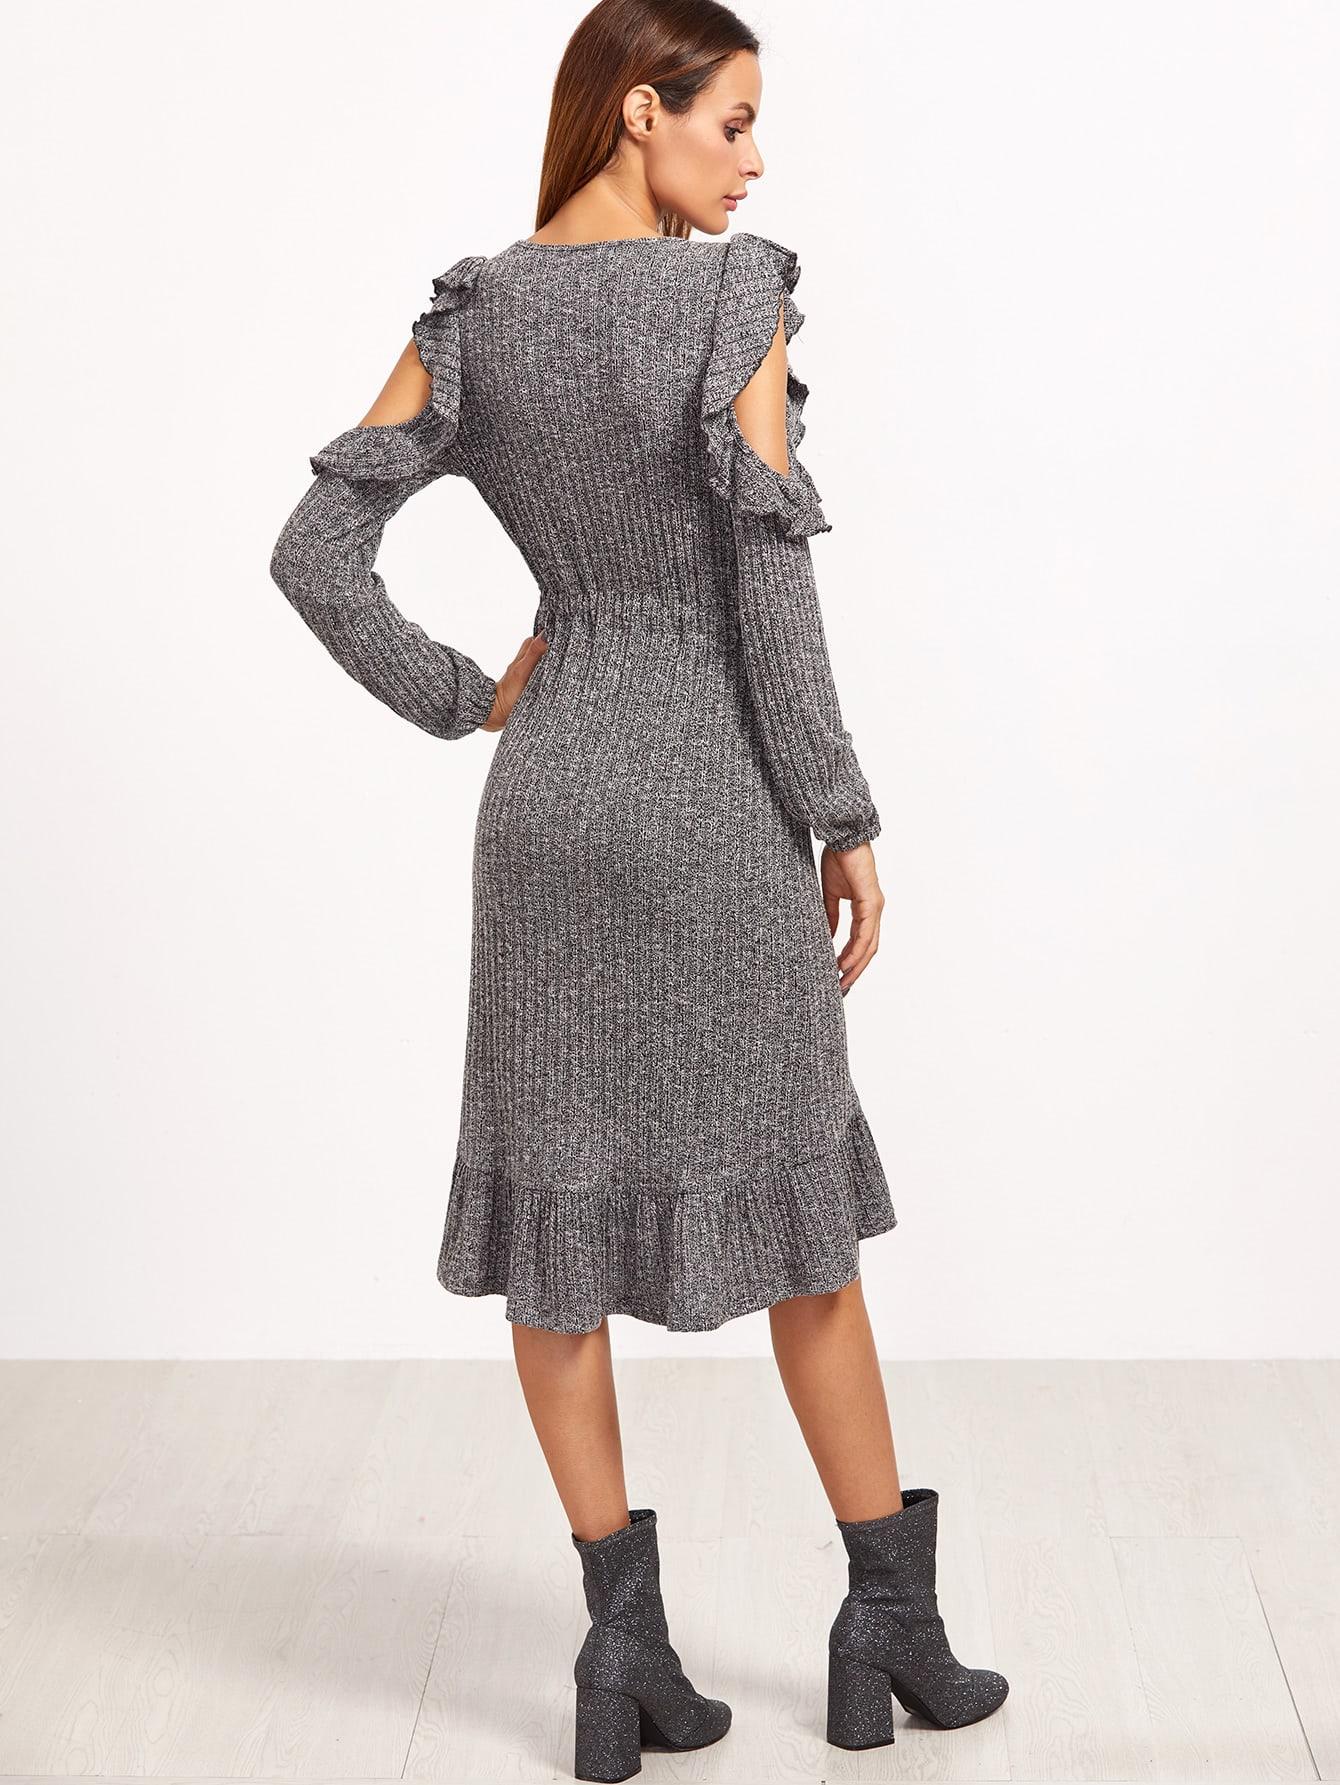 dress161123709_2